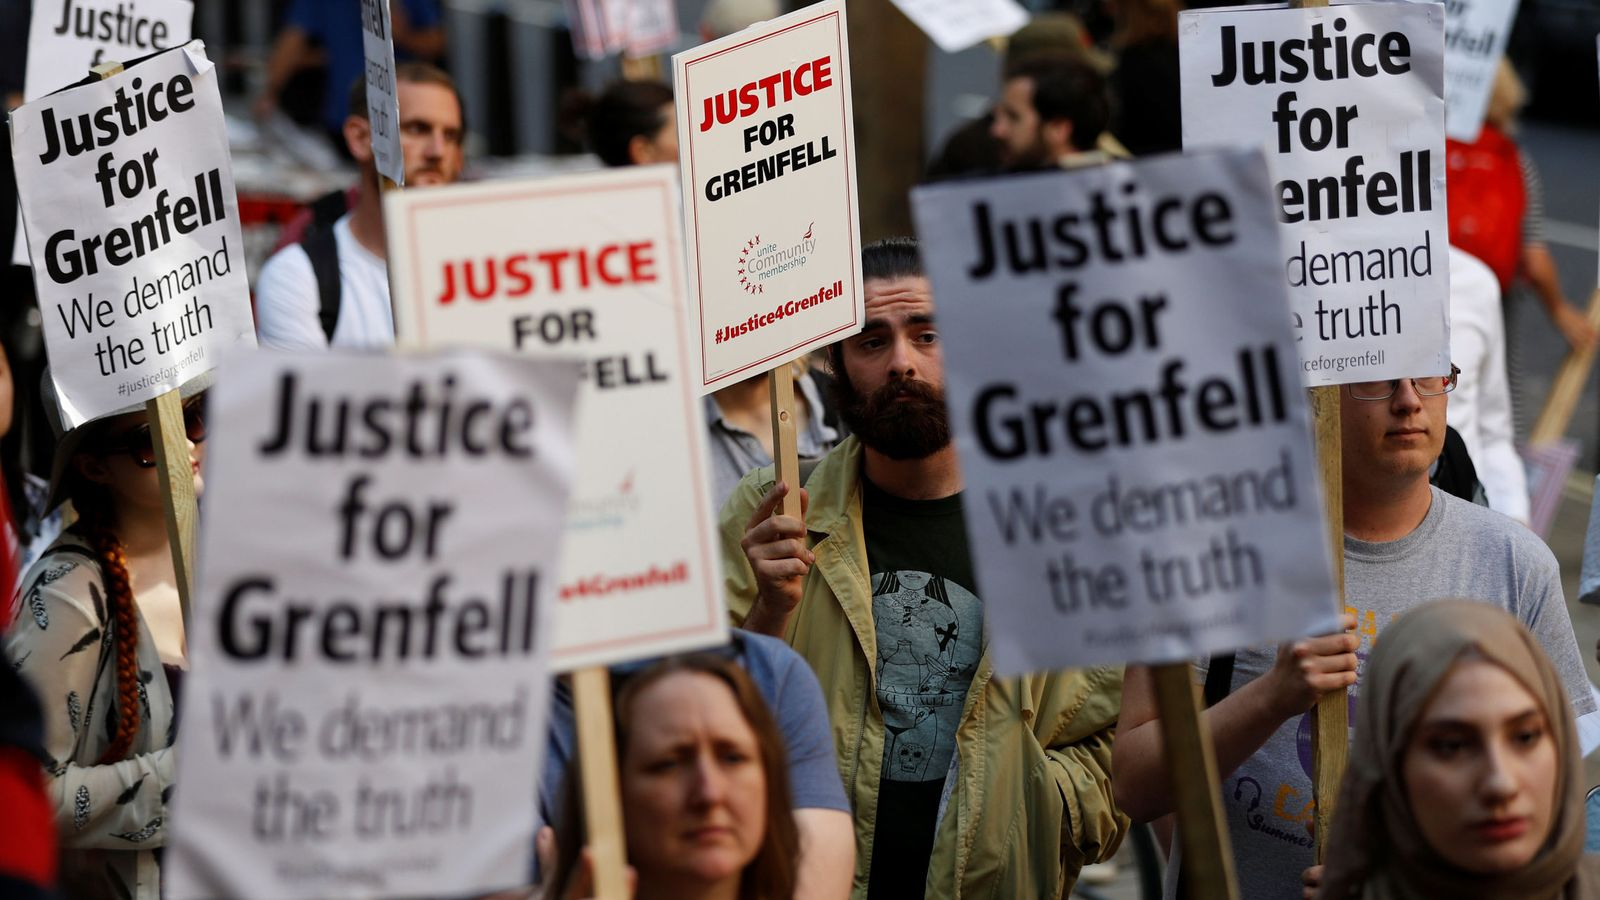 Foto: Manifestantes piden justicia para las víctimas del incendio de la torre Grenfell, en Londres, el 16 de junio de 2017. (Reuters)